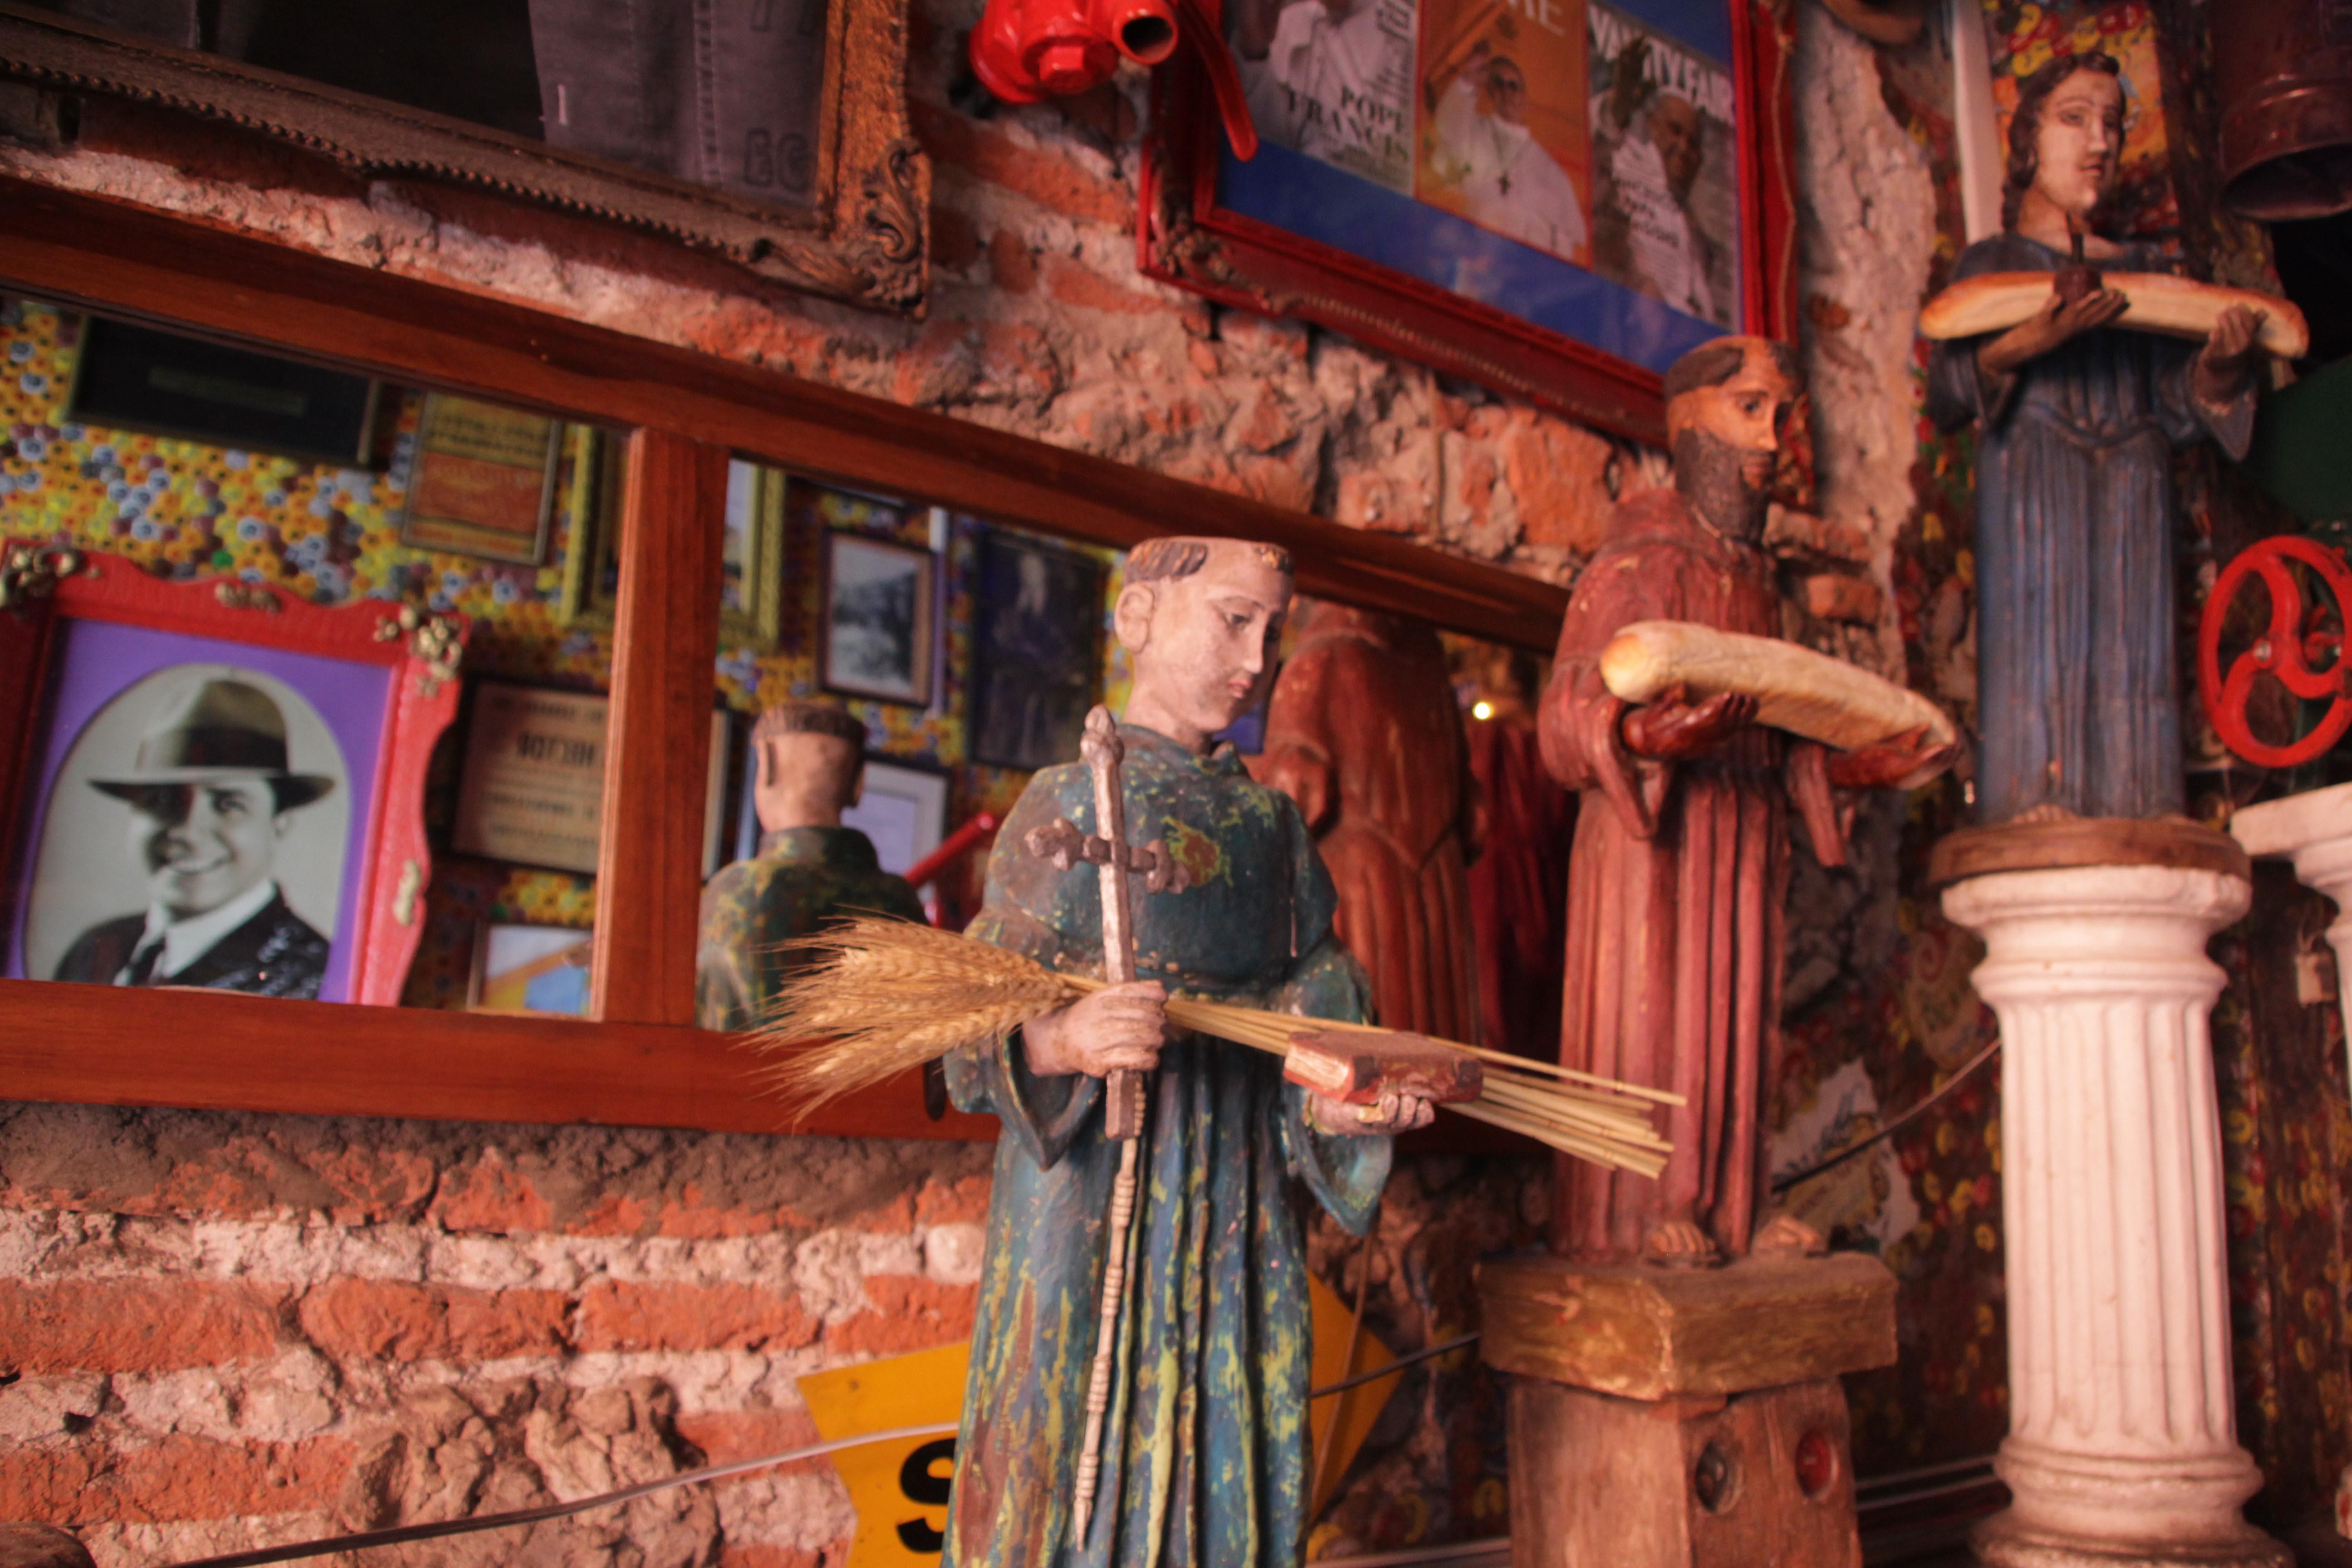 A l'intérieur du restaurant cabaret, les signes religieux côtoient les images de vedettes (© Jérôme Decoster).